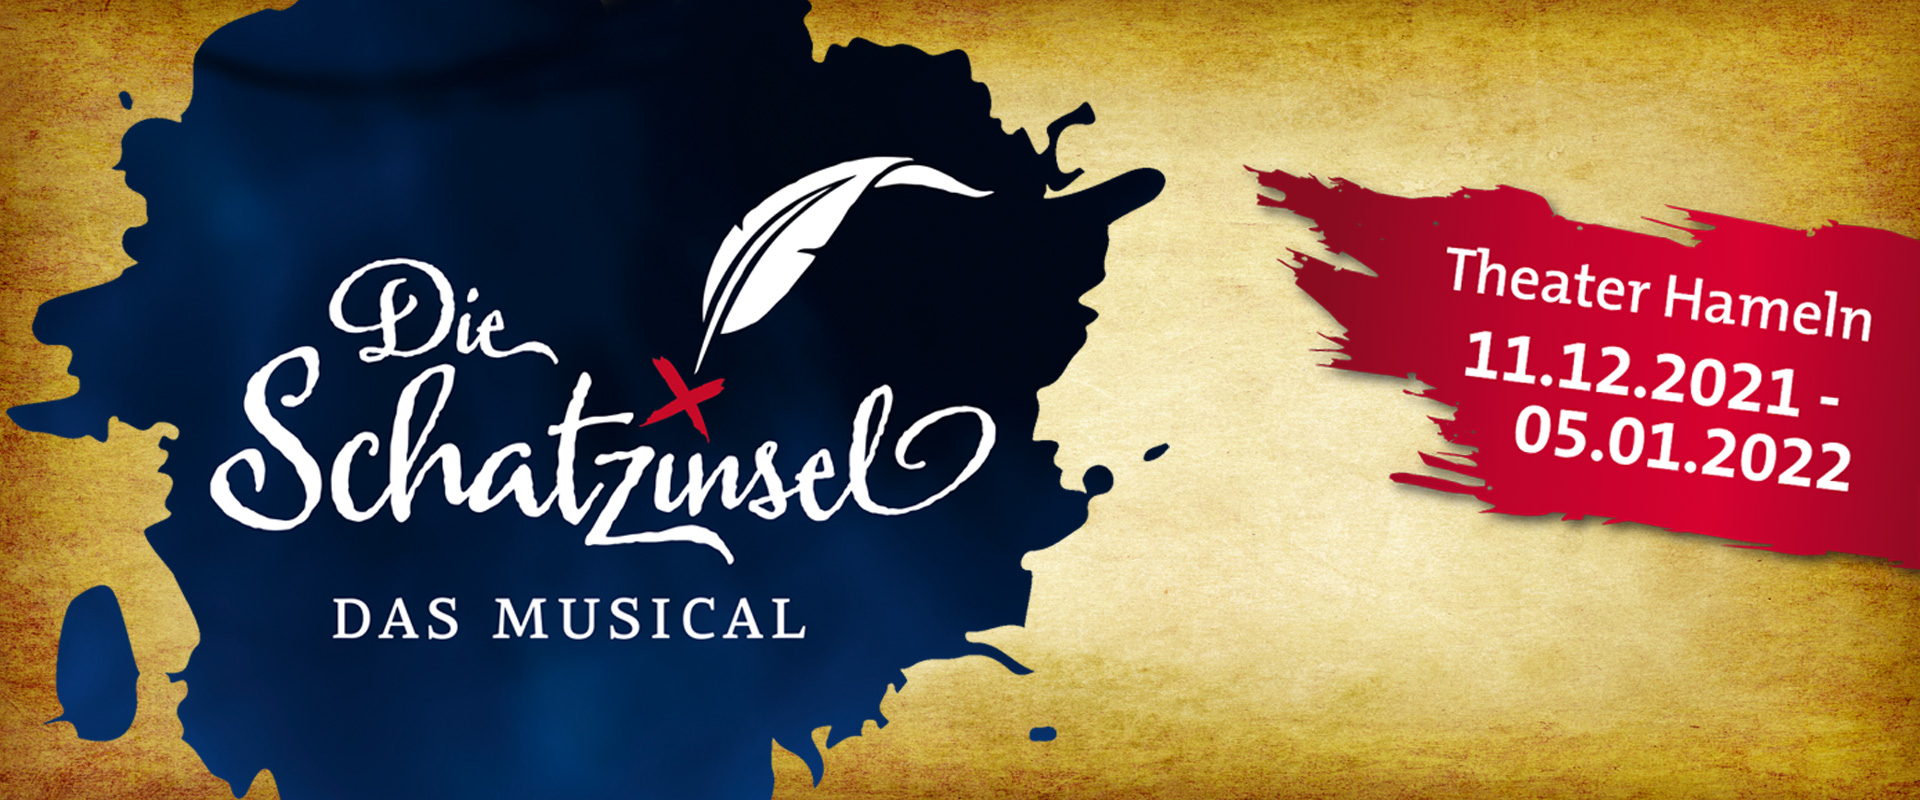 Theater Hameln Die Schatzinsel - Das Musical